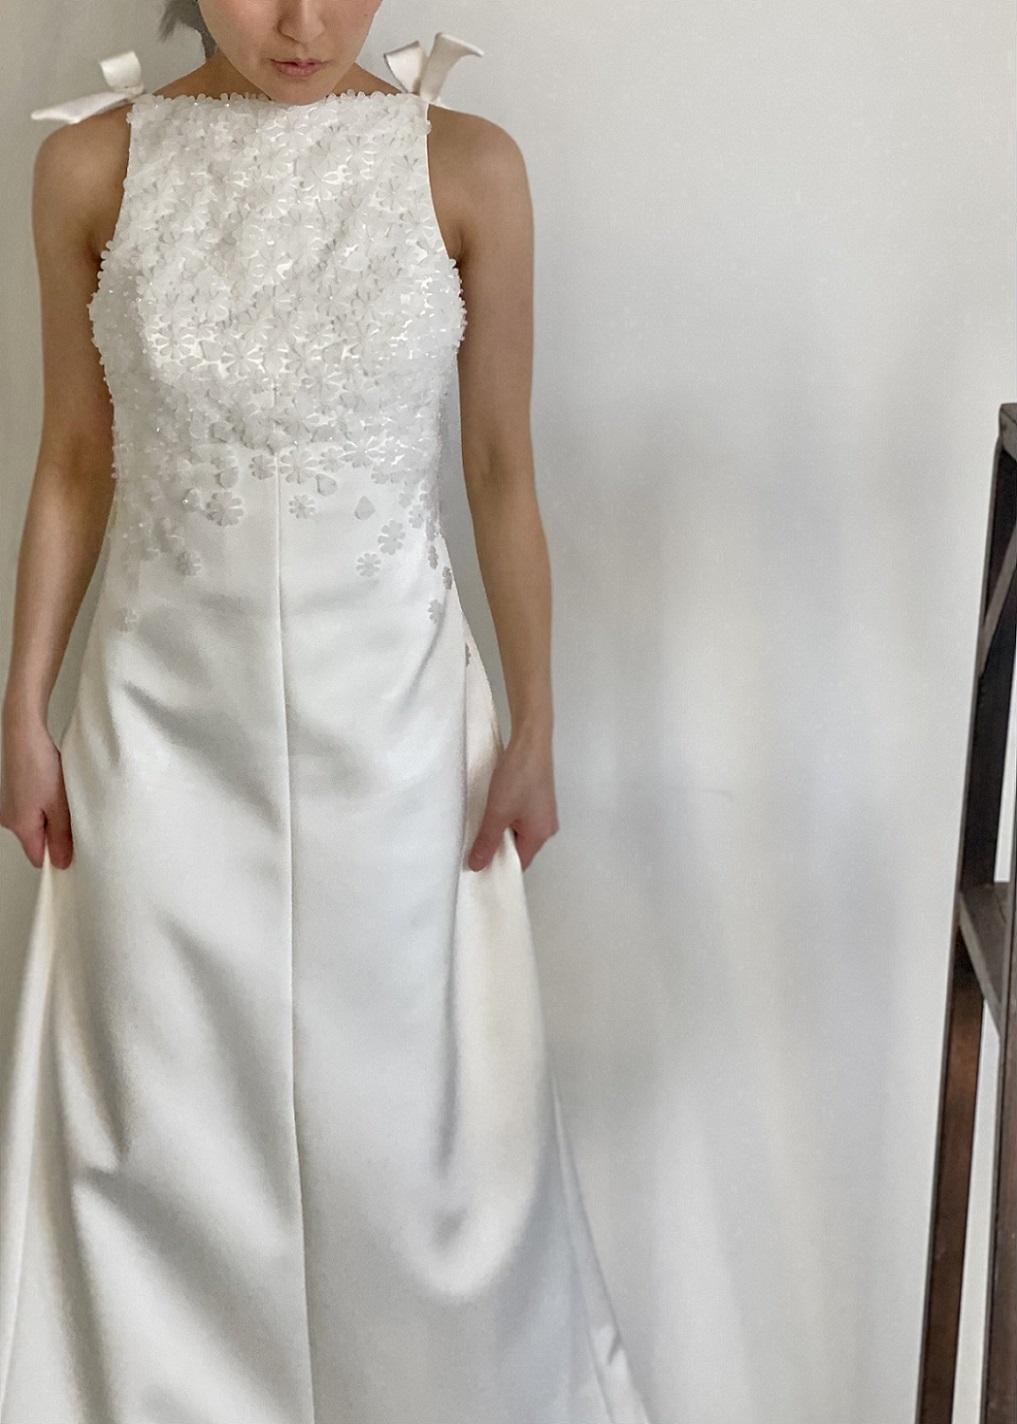 マイクロウェディングにぴったりなファッショナブルでオシャレなレンタルウェディングドレス